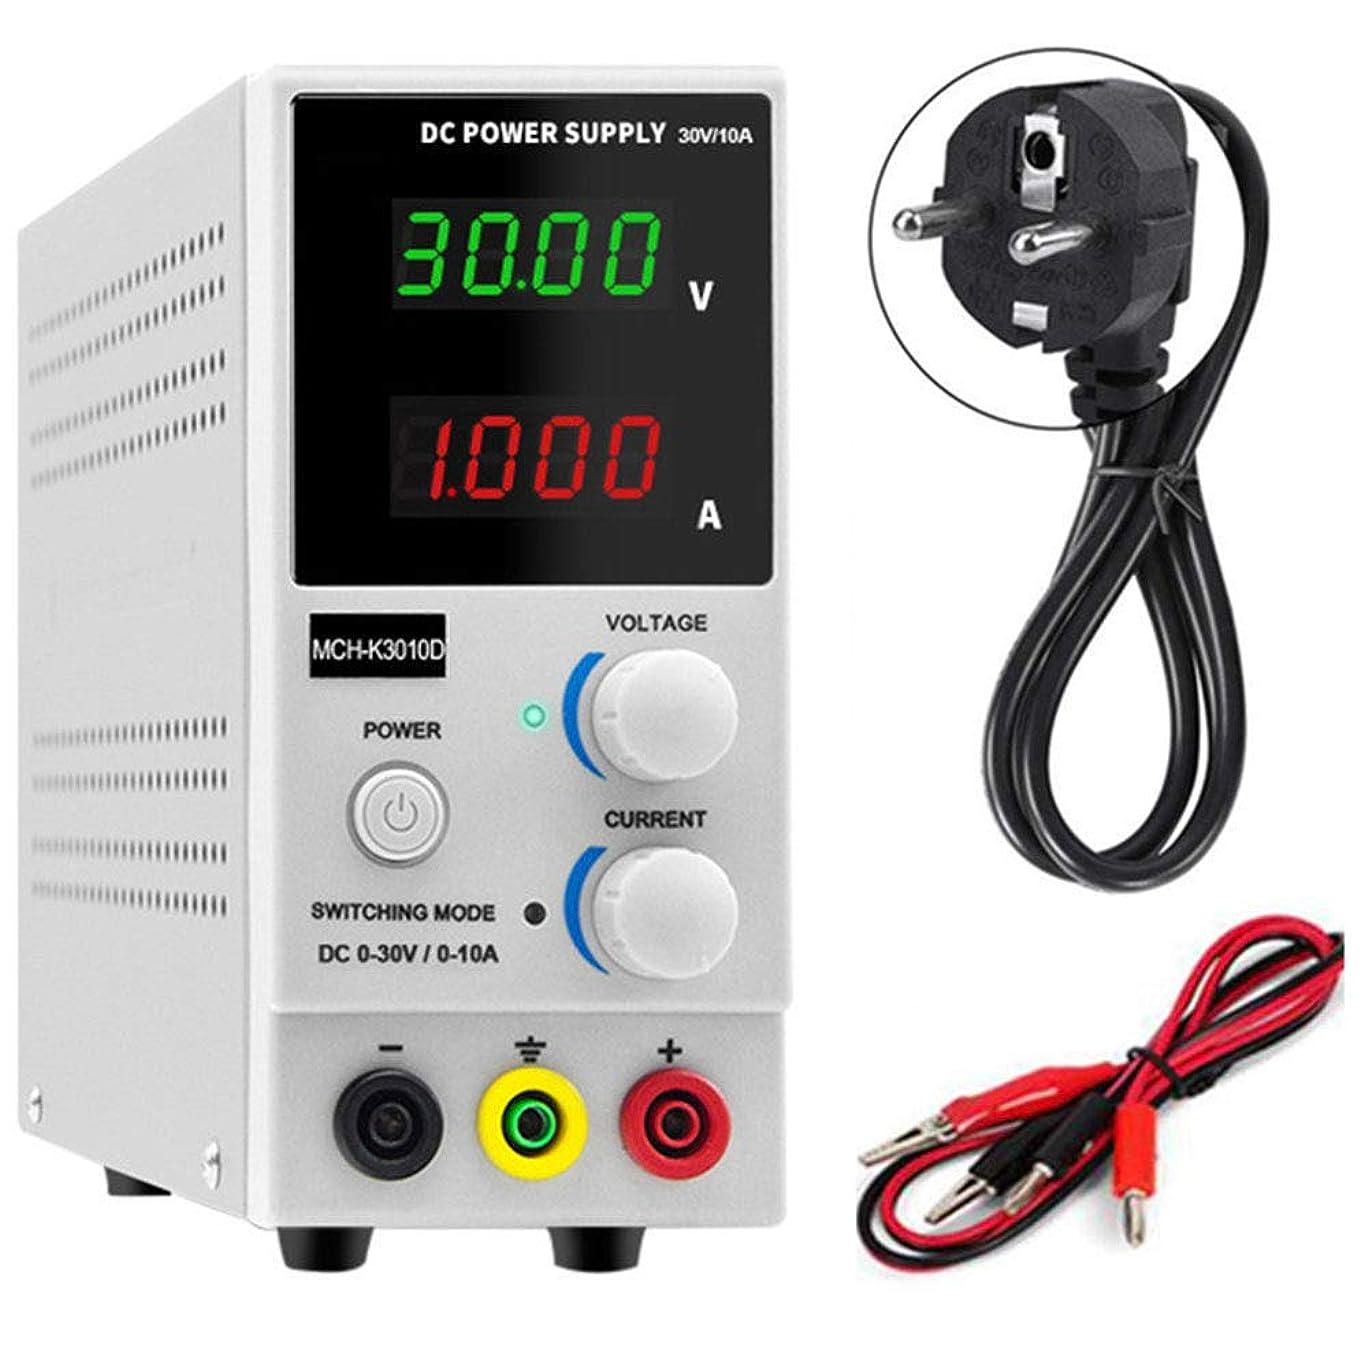 バングぬるいギャンブル実験室の可変DC電源、調節可能な実験室安定化電源0-30V / 0-10A LEDデジタルディスプレイ、調節可能なDC電源